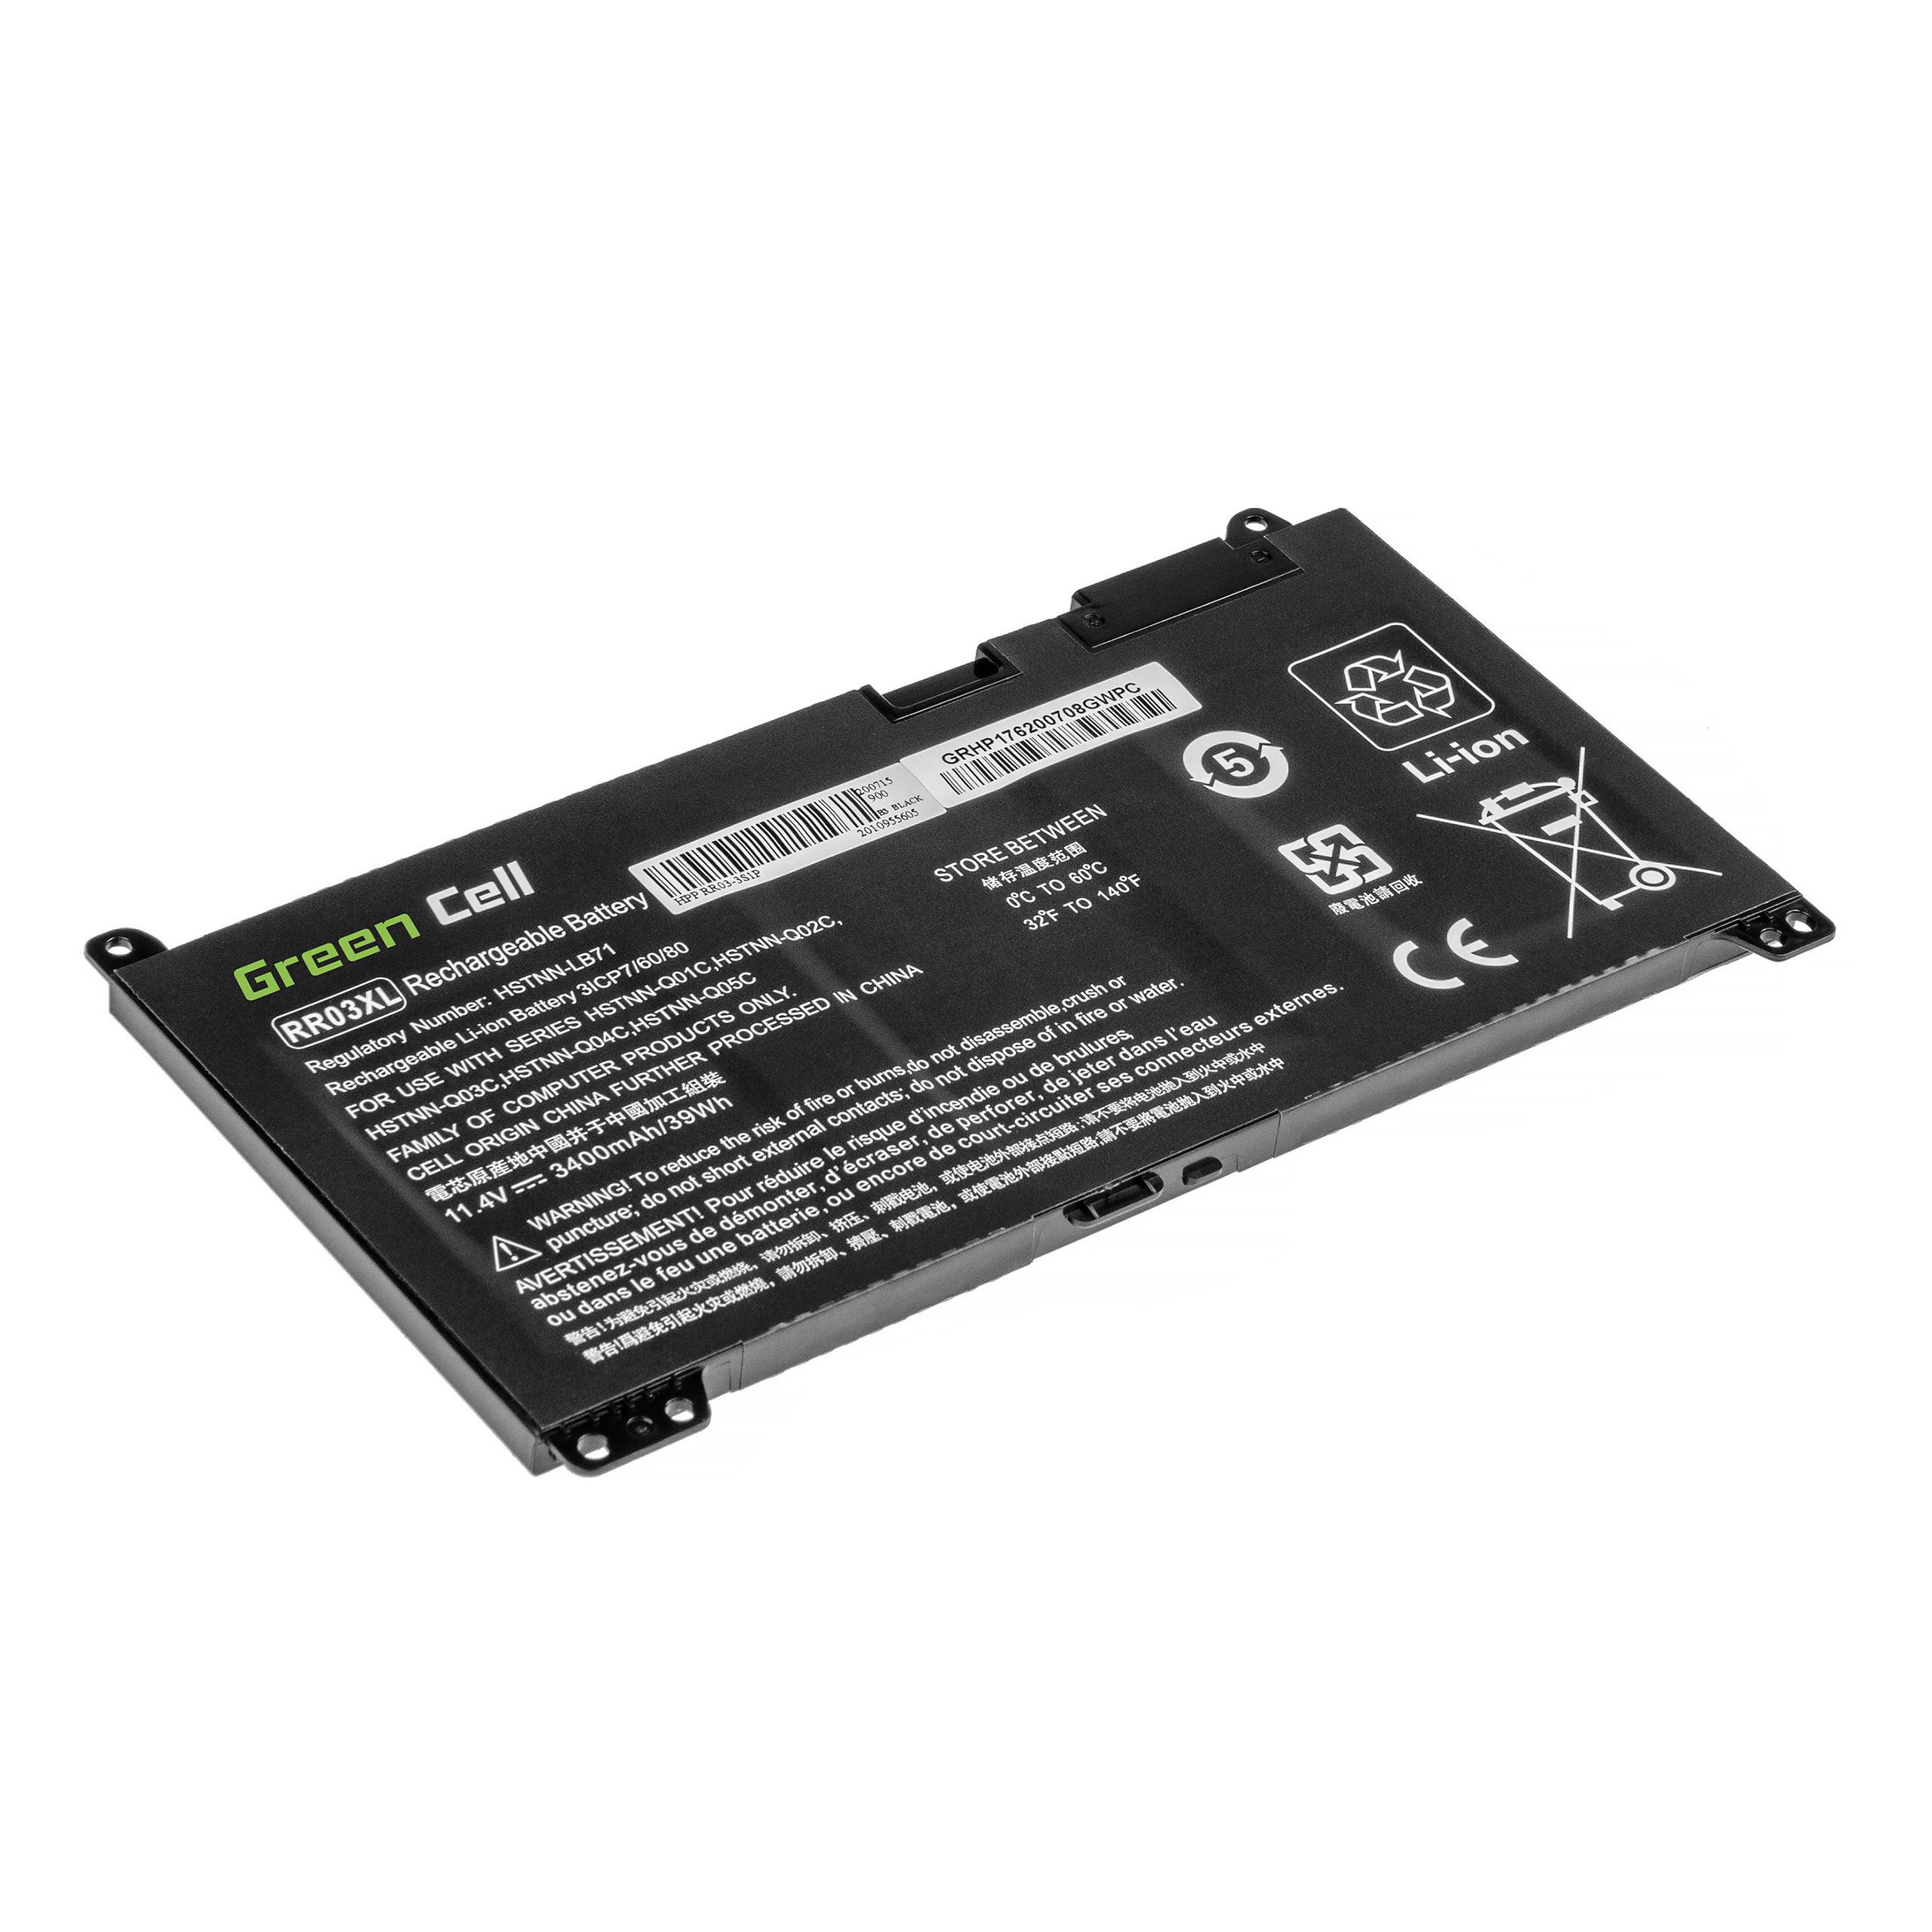 Green Cell Baterie RR03XL pro HP ProBook 430 G4 G5 440 G4 G5 450 G4 G5 455 G4 G5 470 G4 G5